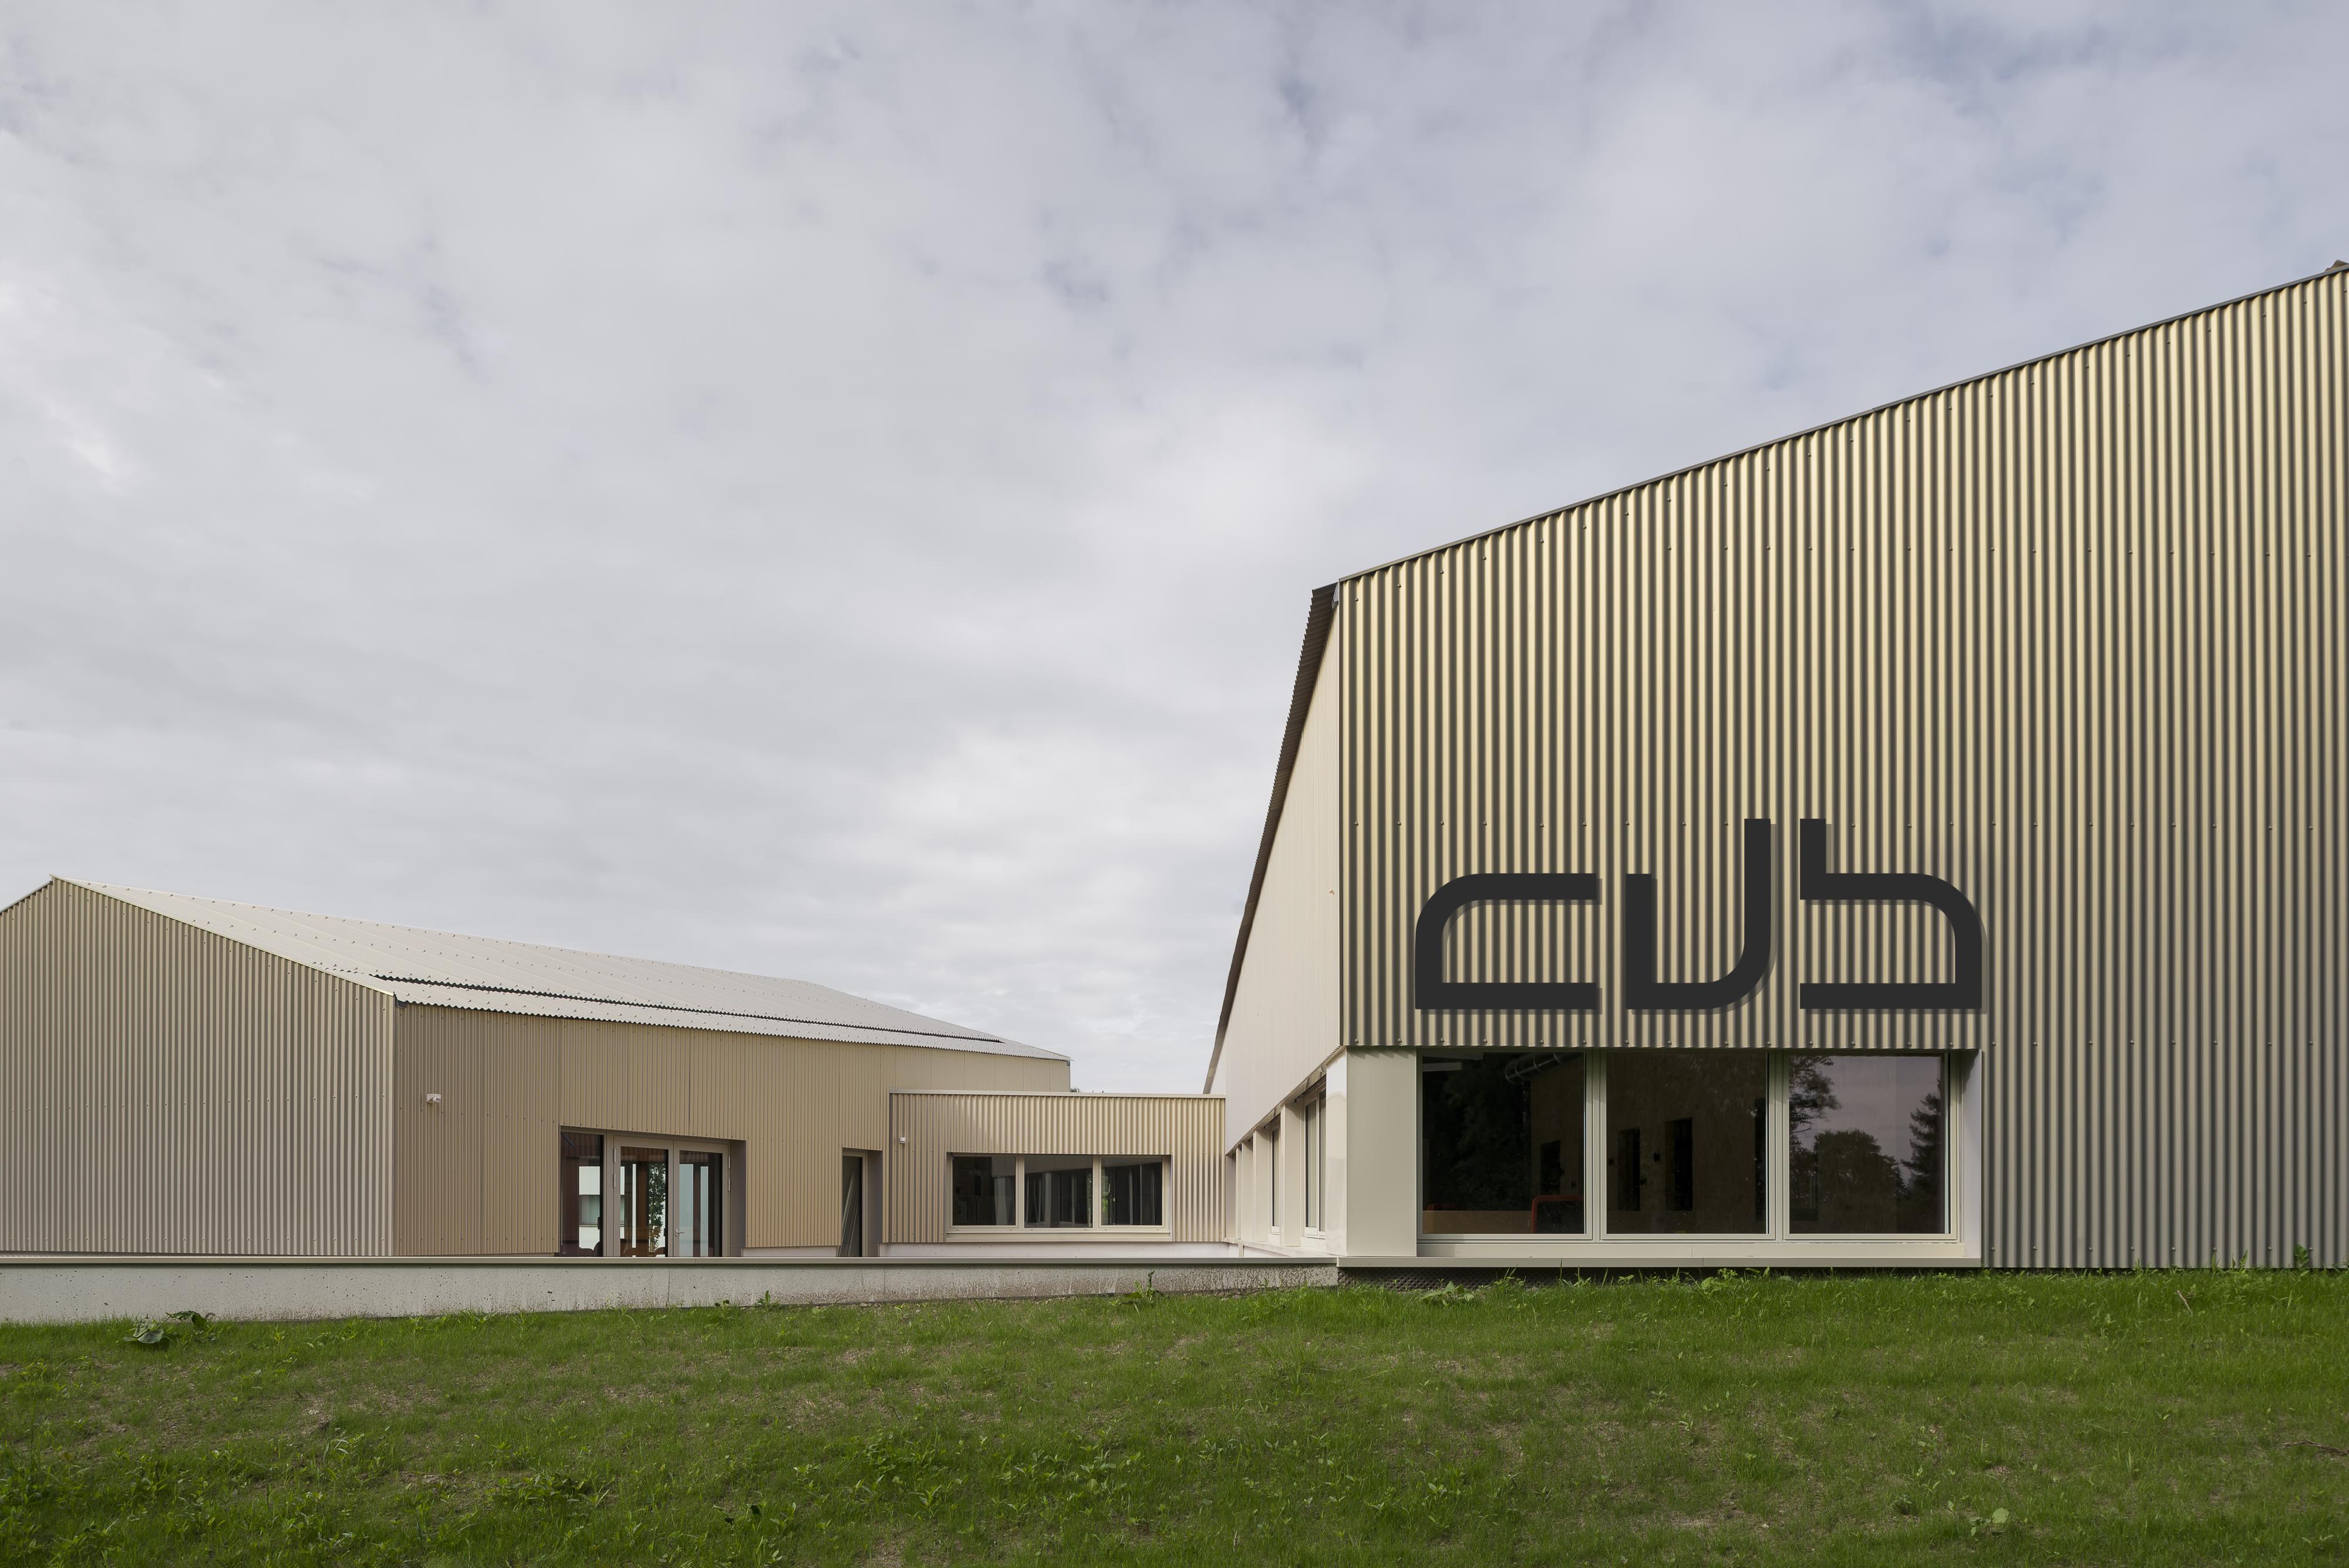 B-2016-44 Bureaux CUB - Haute goulaine - 44 Bureaux CUB (2)